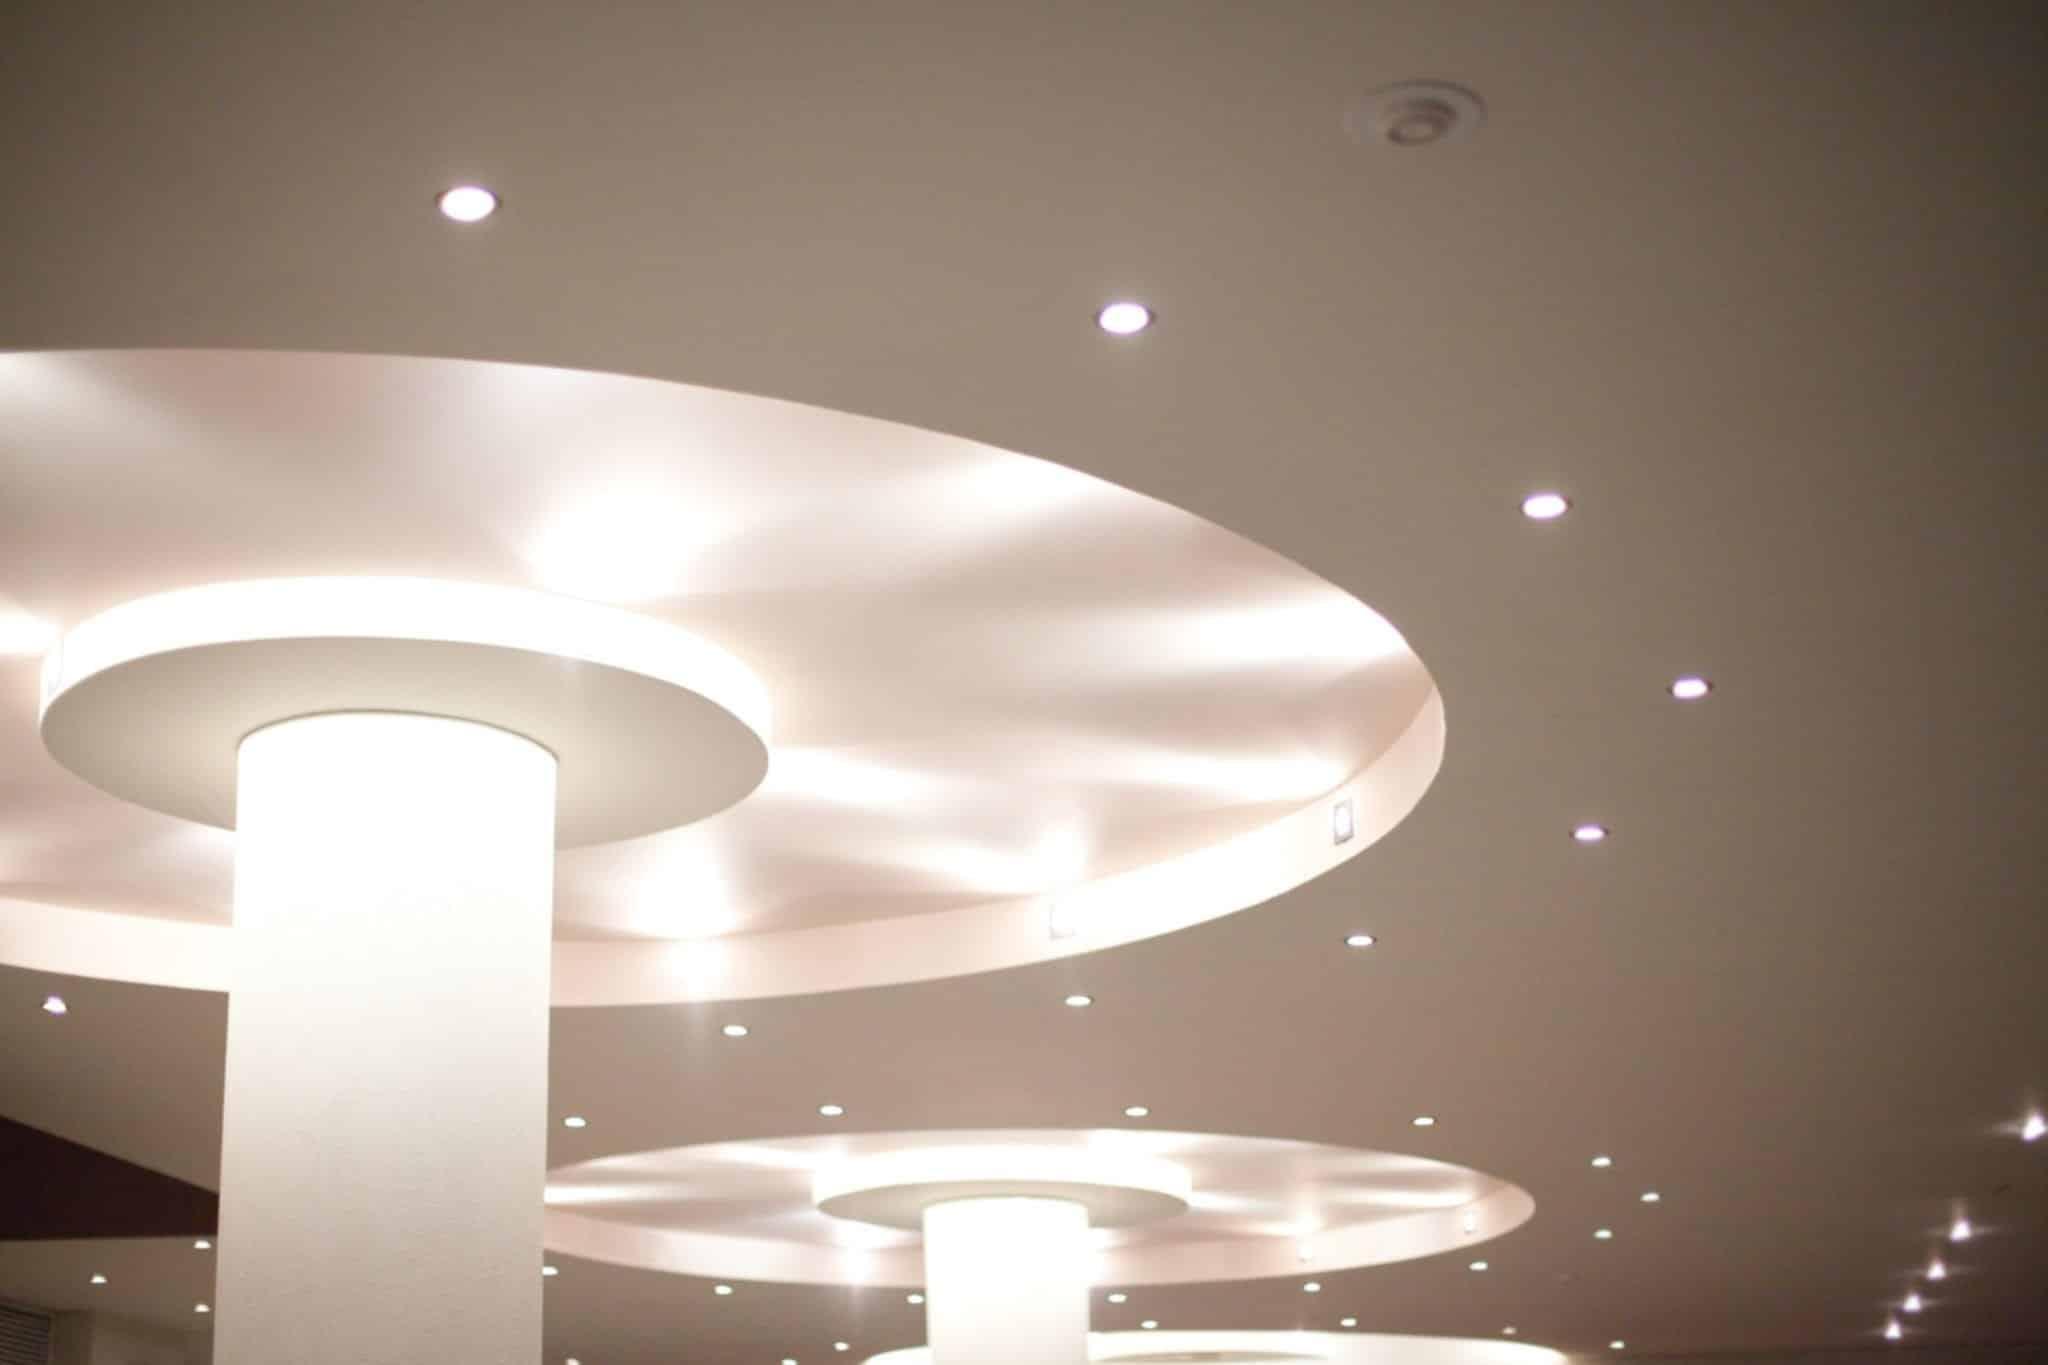 Faux Plafond Suspendu En Dalles Isolantes faux plafond suspendu d'isolation phonique pour bureaux bruyants